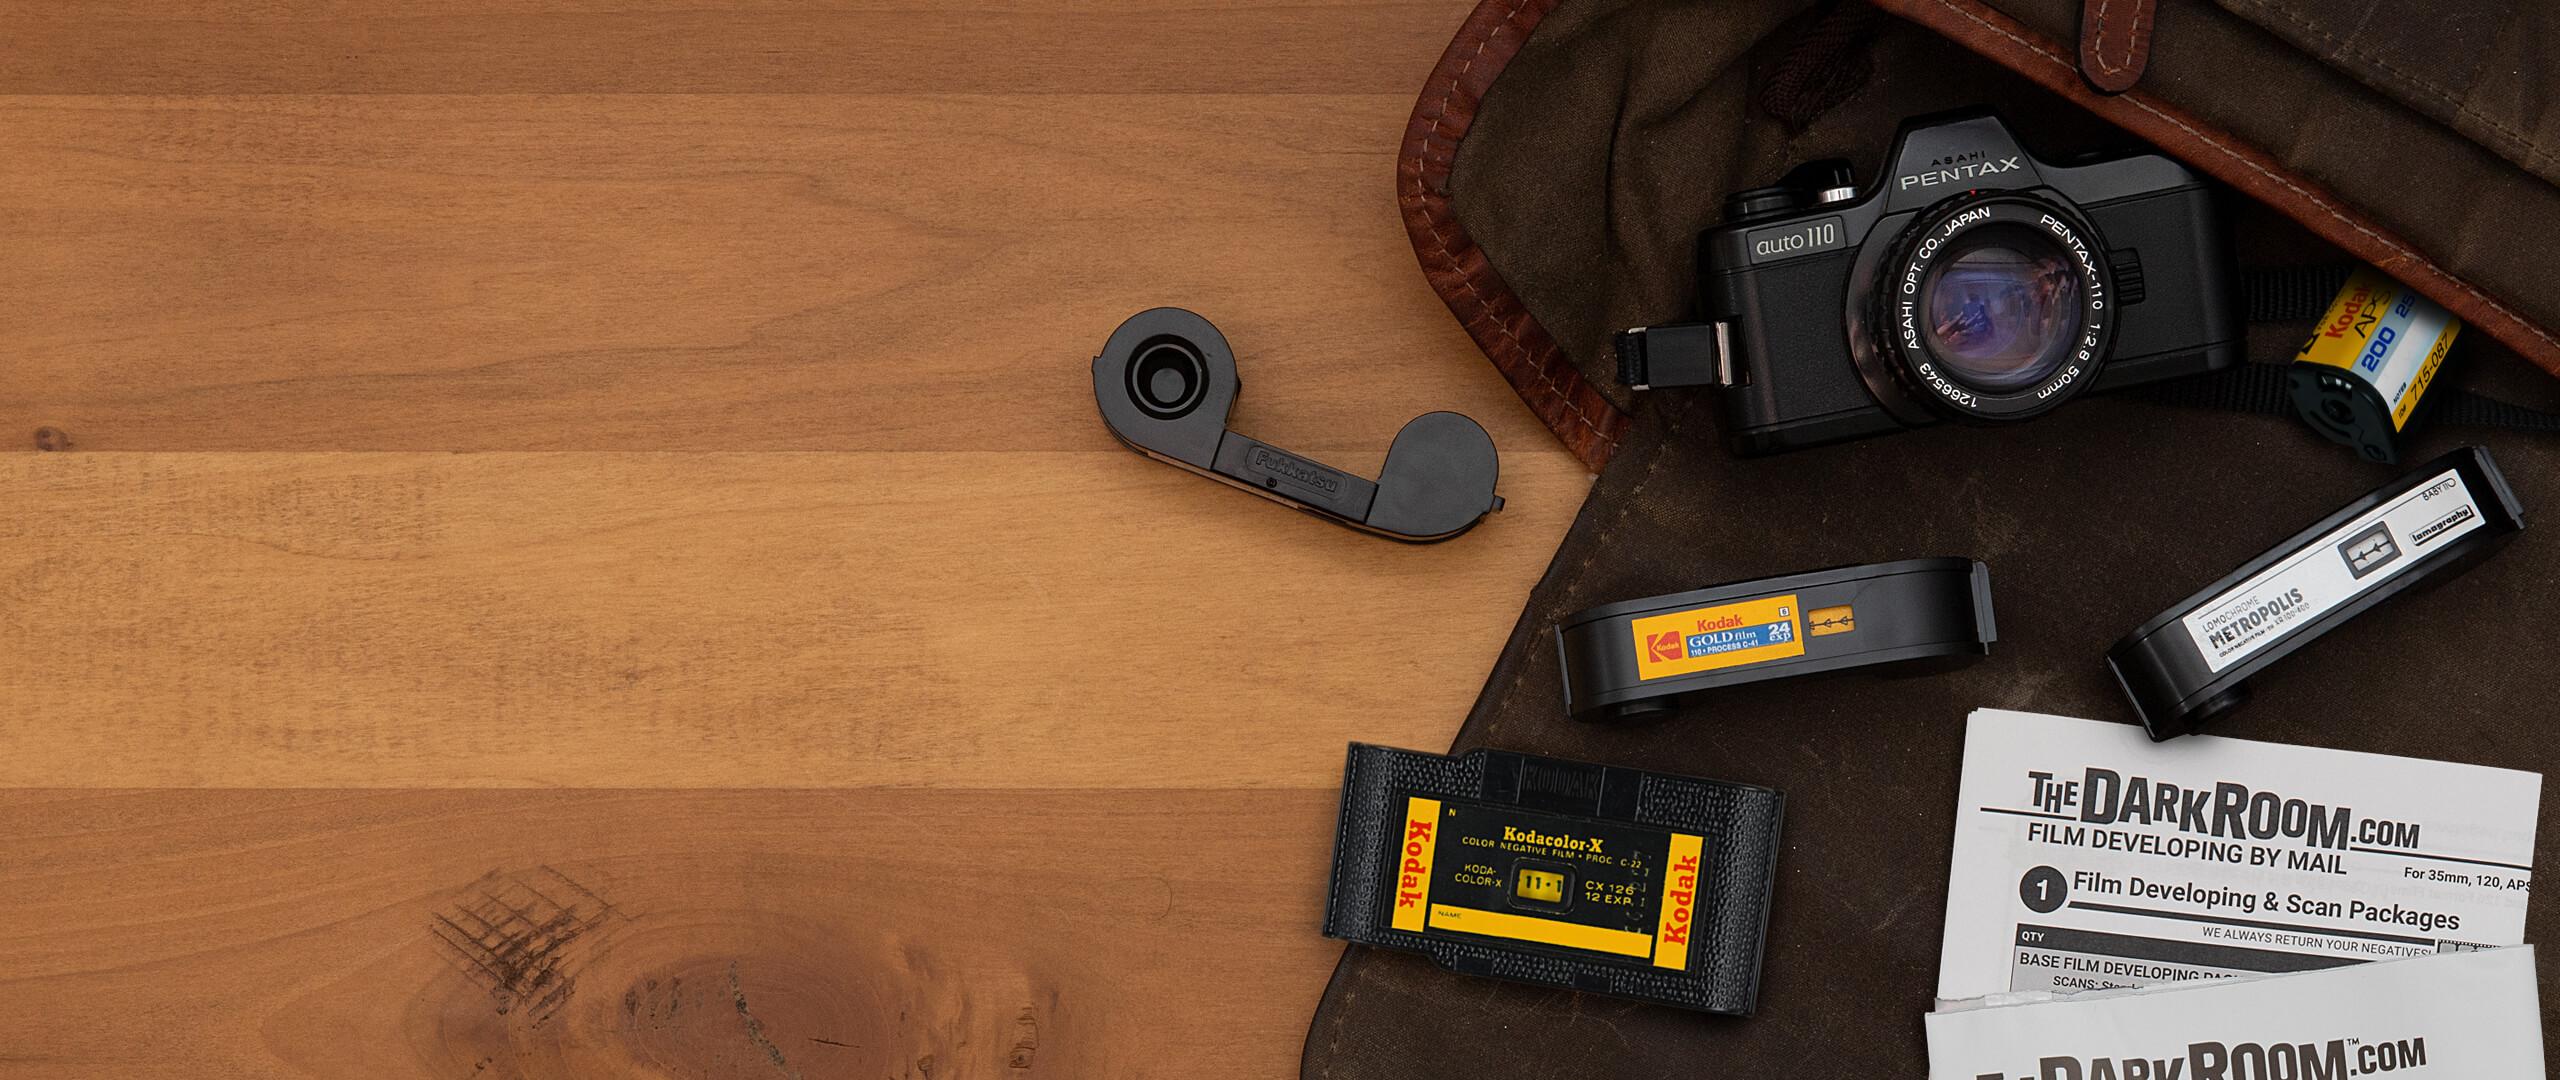 110 126 Advantix Aps The Darkroom Photo Lab